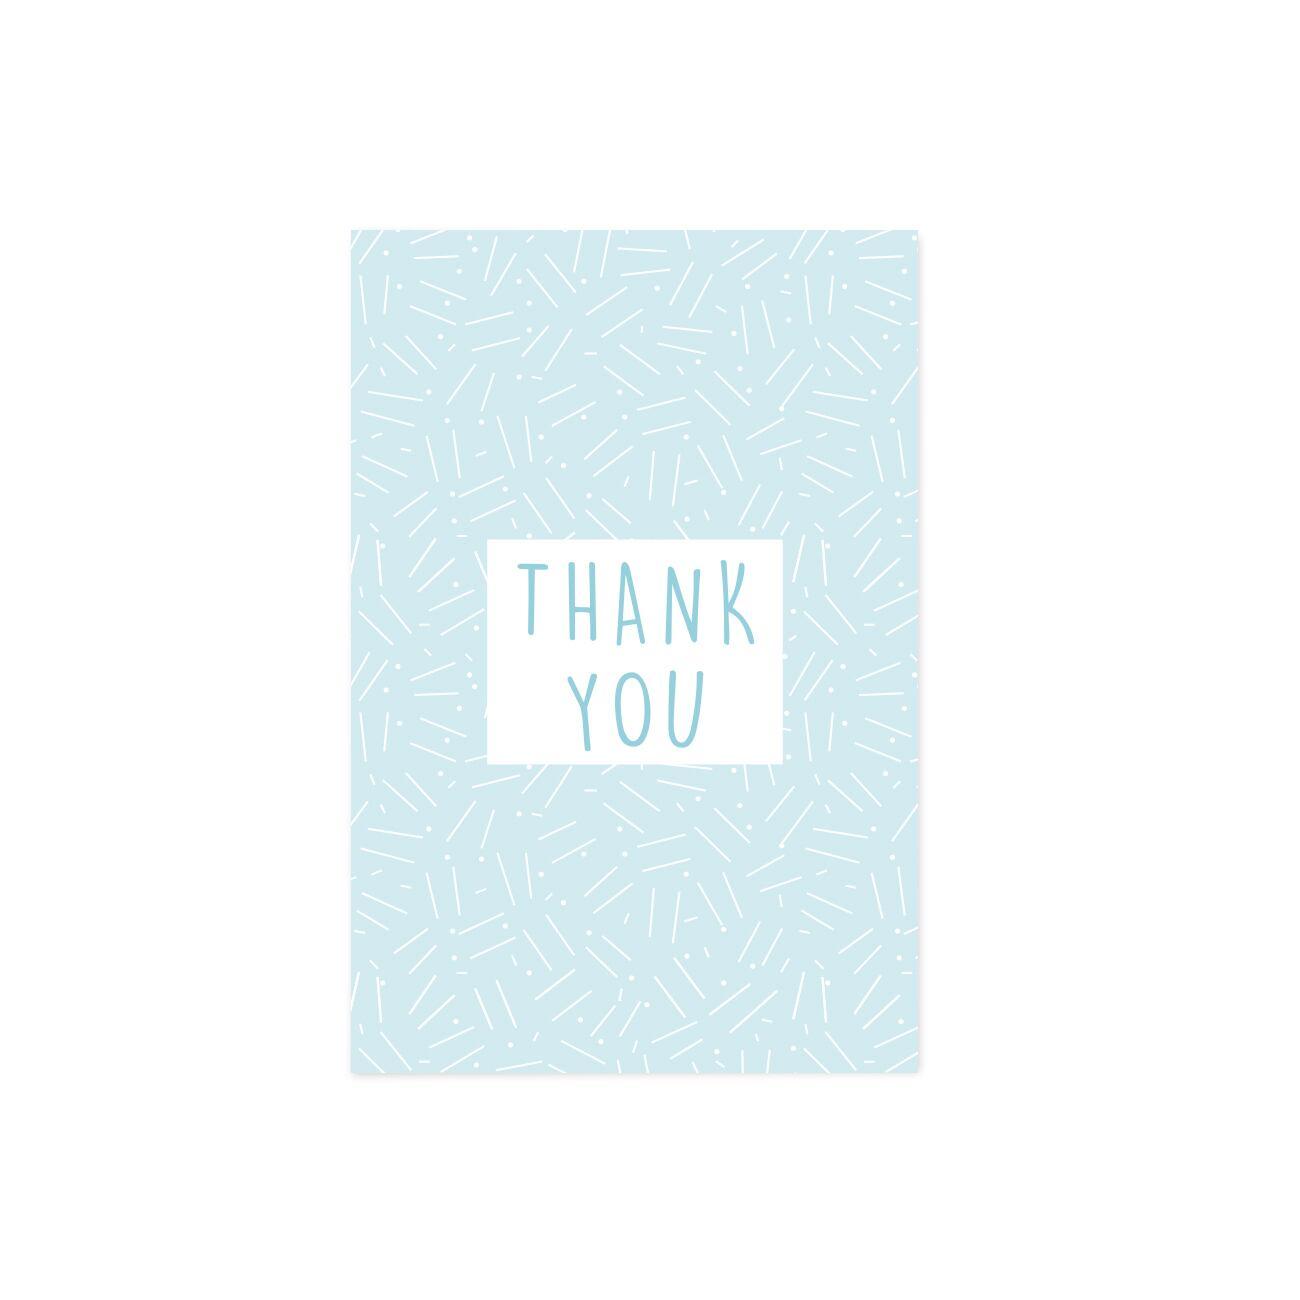 グリーティングカード   THANK YOU